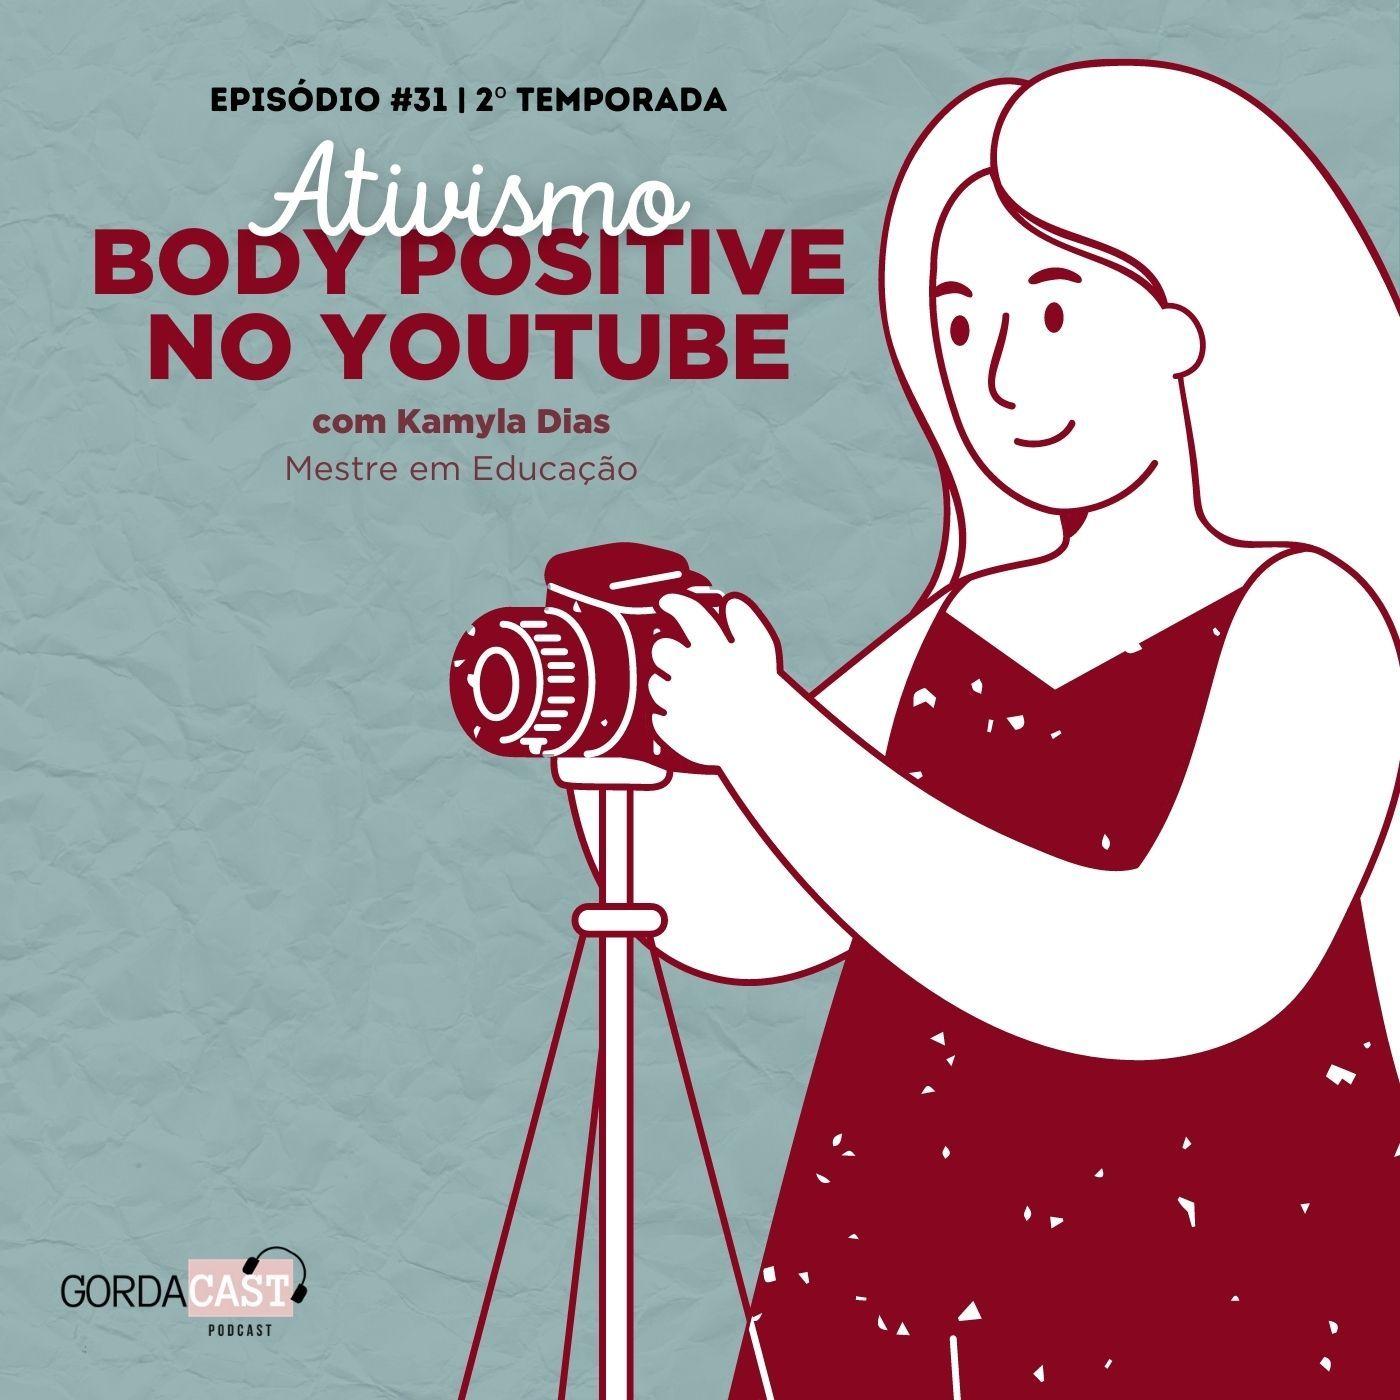 GordaCast #31   Ativismo Body Positive no YouTube com a Mestre em Educação Kamyla Dias